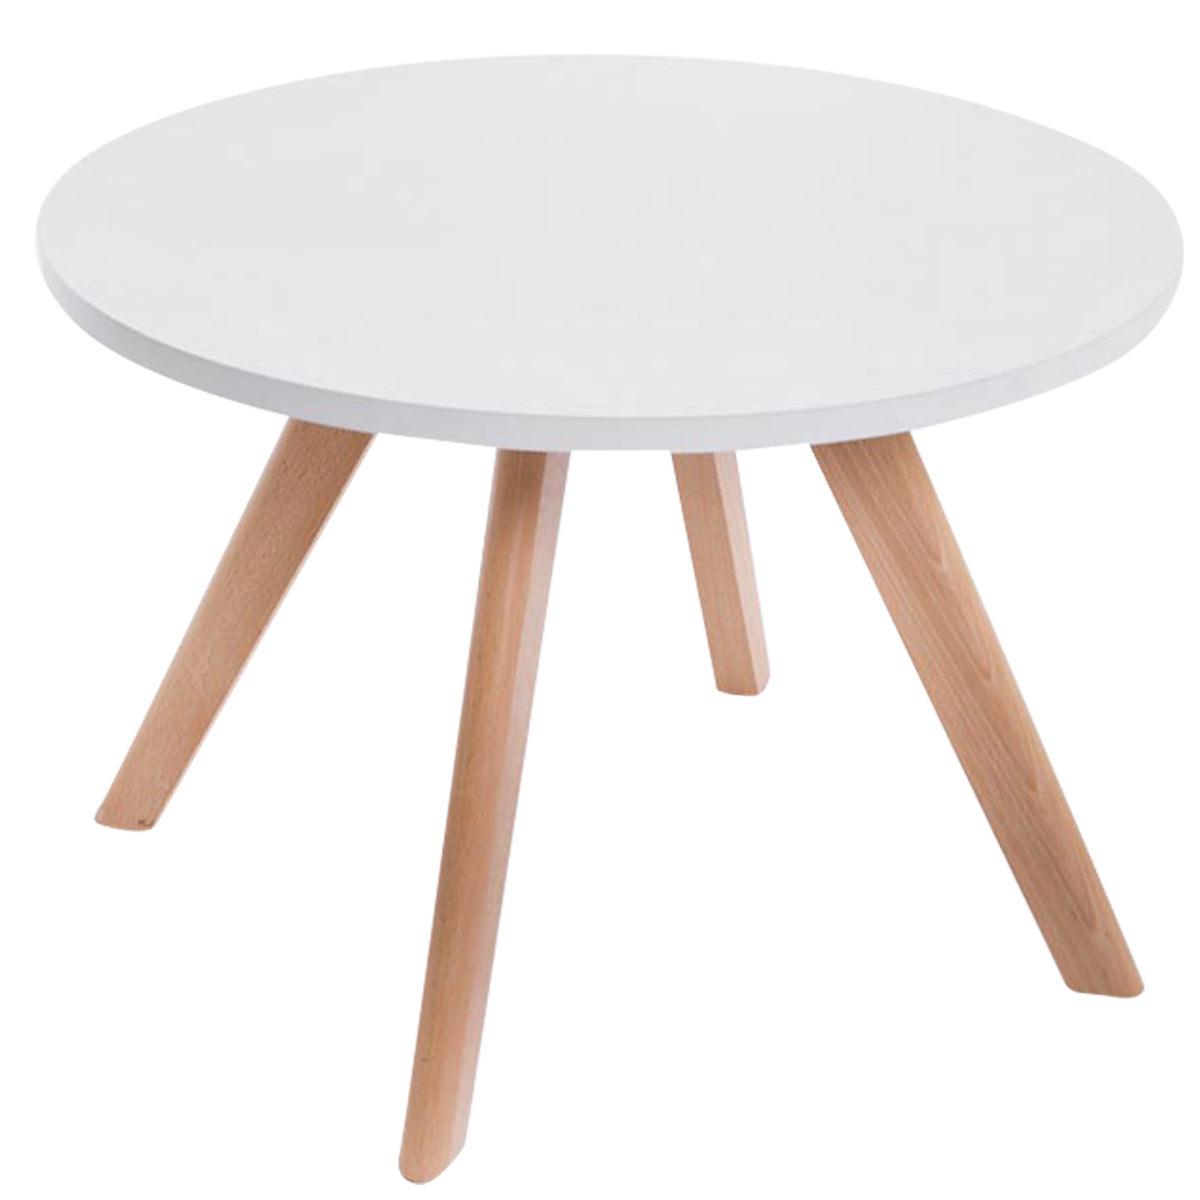 Konferenčný stolík Erik, 60 cm, nohy prírodné, drevo / biela